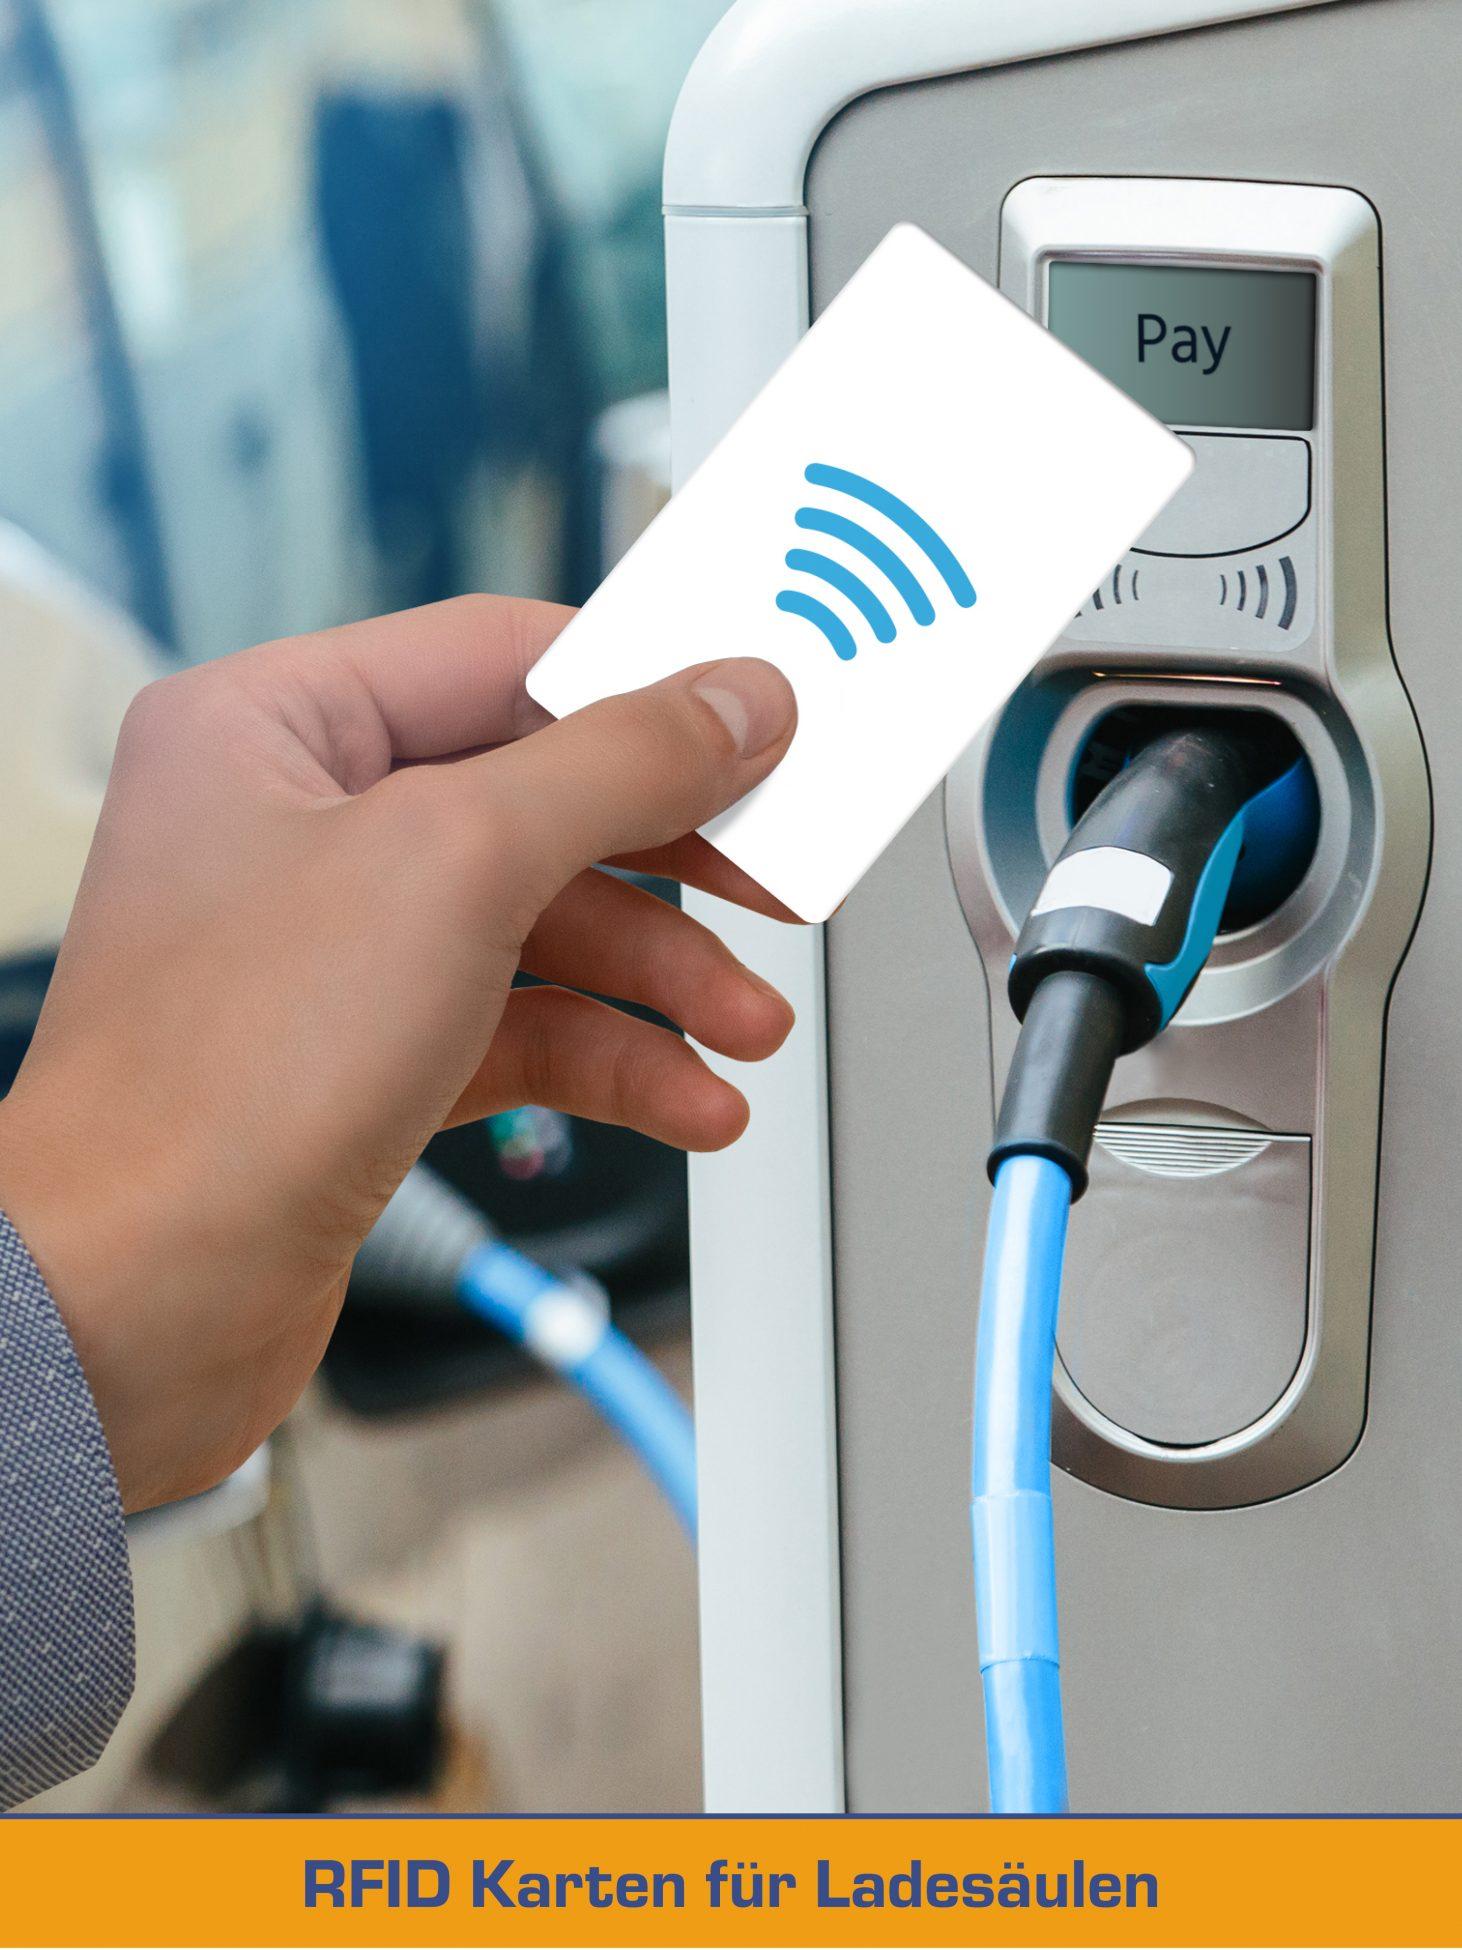 RFID Ladekarten für Lasesäulen der E-Mobilität